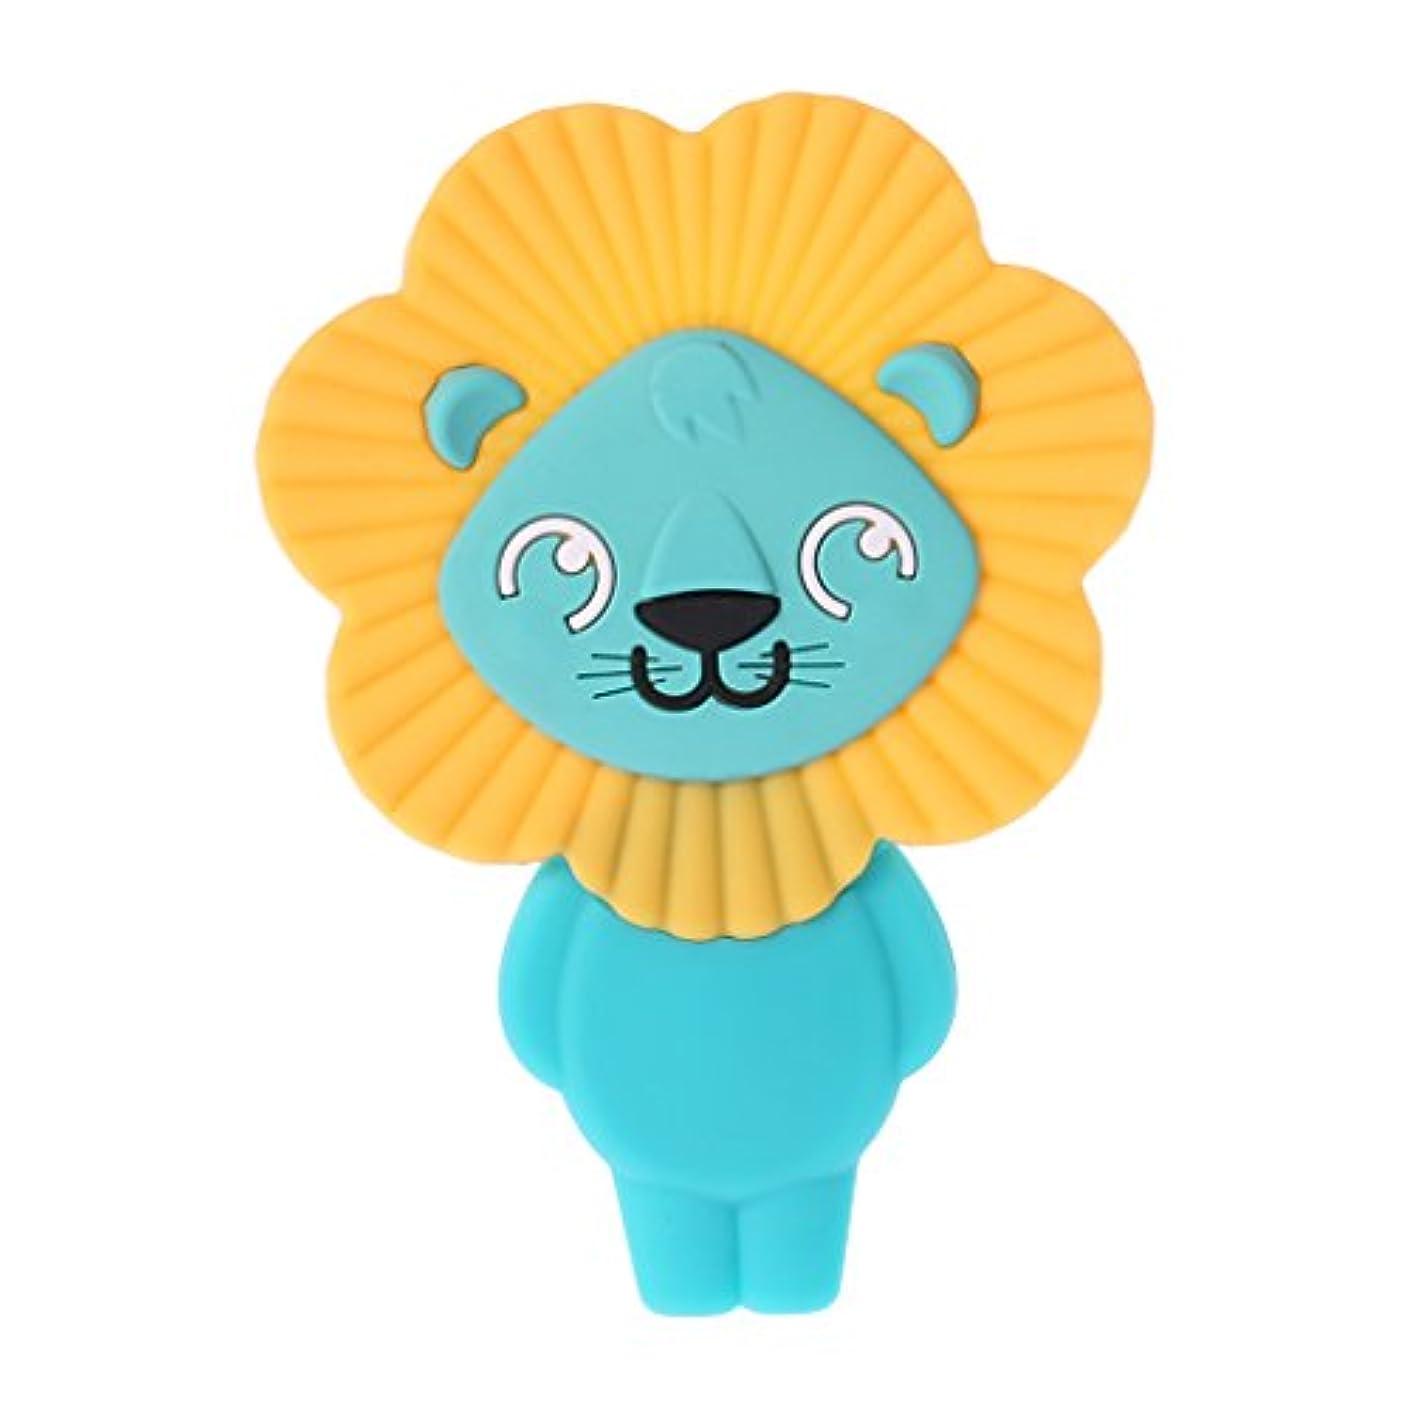 抜本的な抗議スリッパLanddumシリコーンおしゃぶりかわいいライオンのおしゃぶり赤ちゃん看護玩具かむ玩具歯が生えるガラガラ玩具